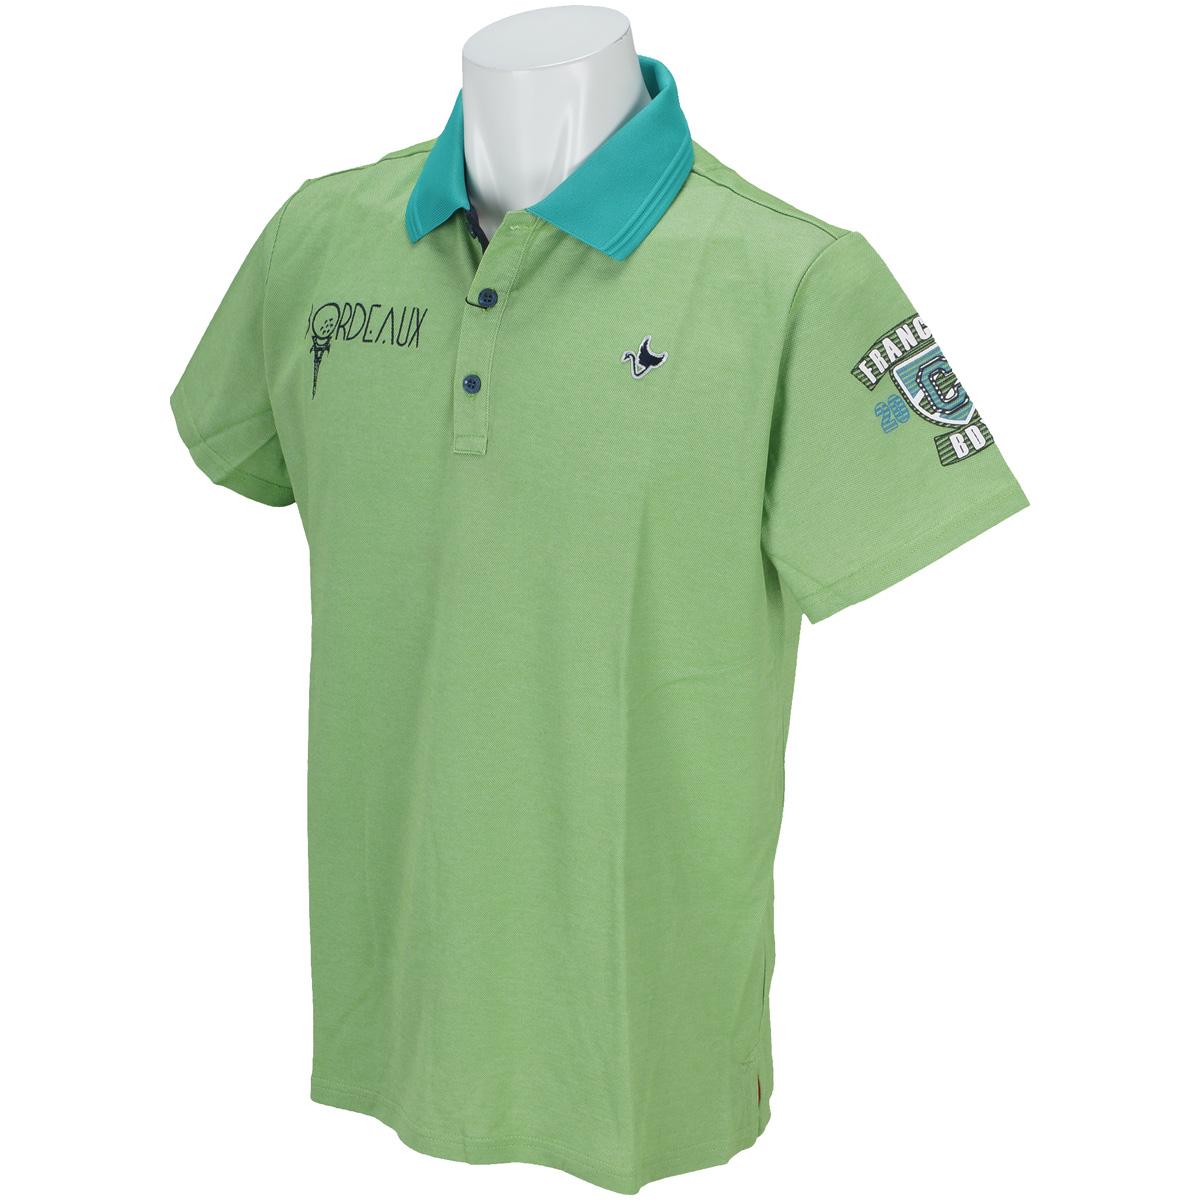 ボルドーアイコン半袖ポロシャツ